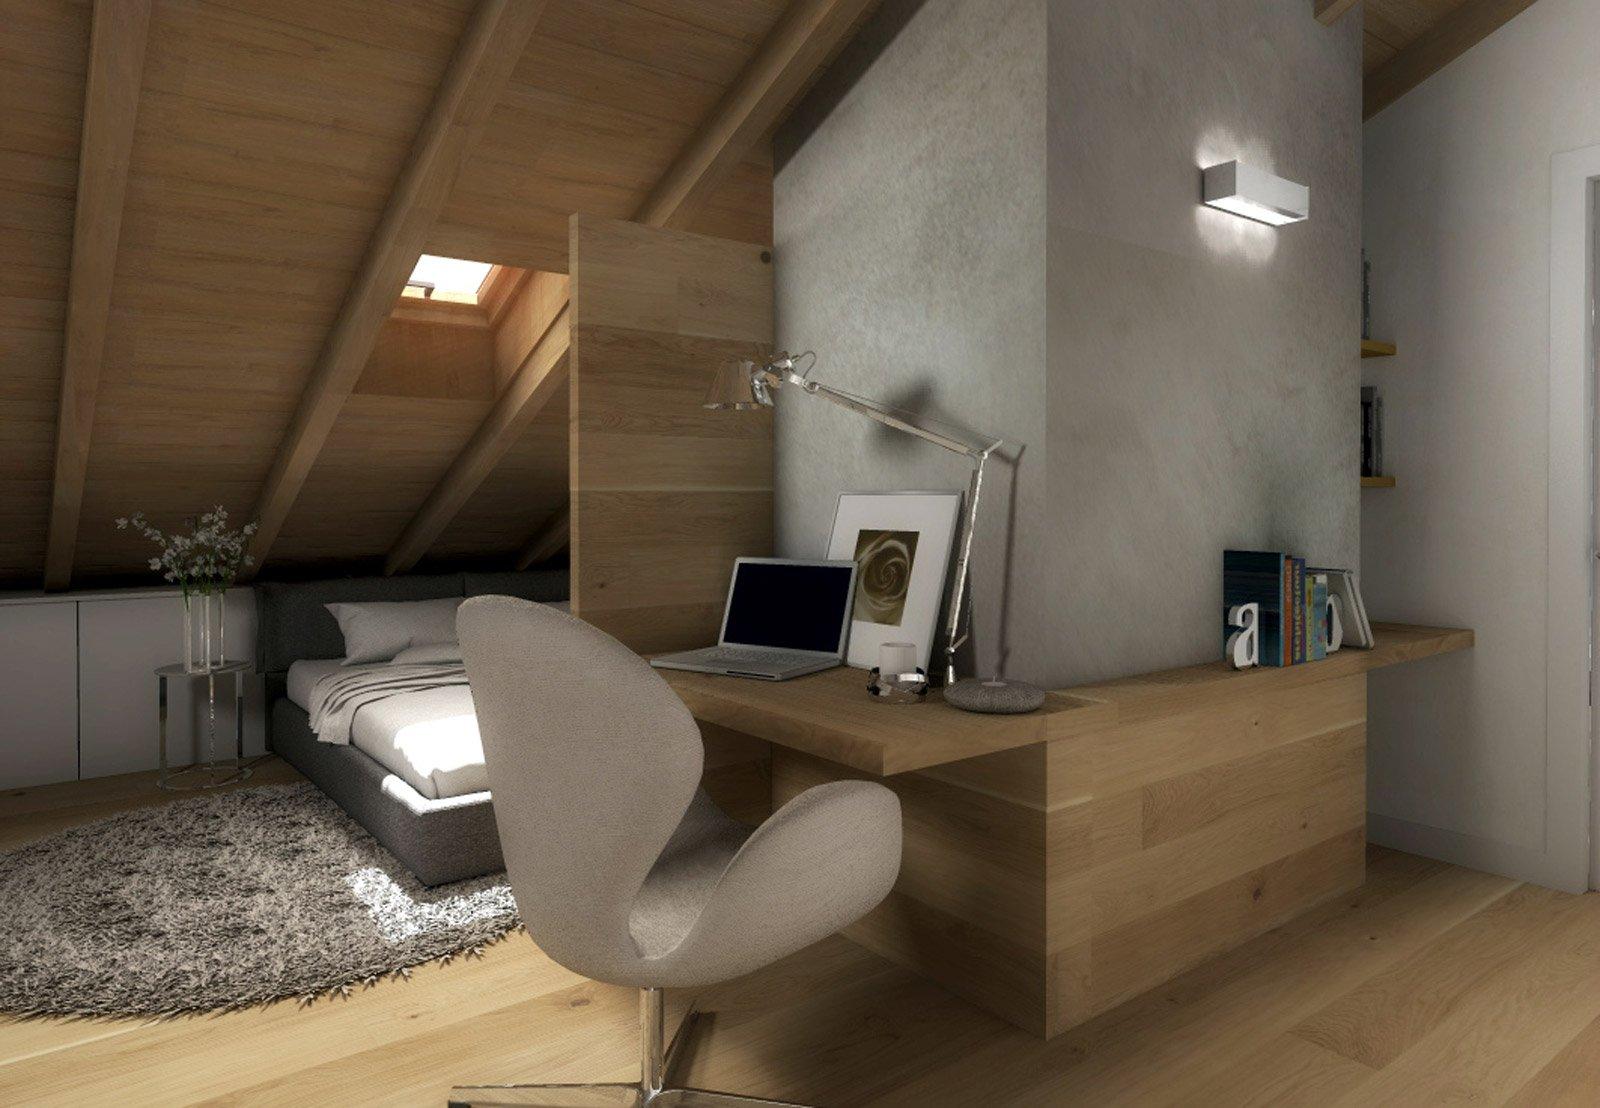 come progettare l\'illuminazione della camera da letto - consigli ...